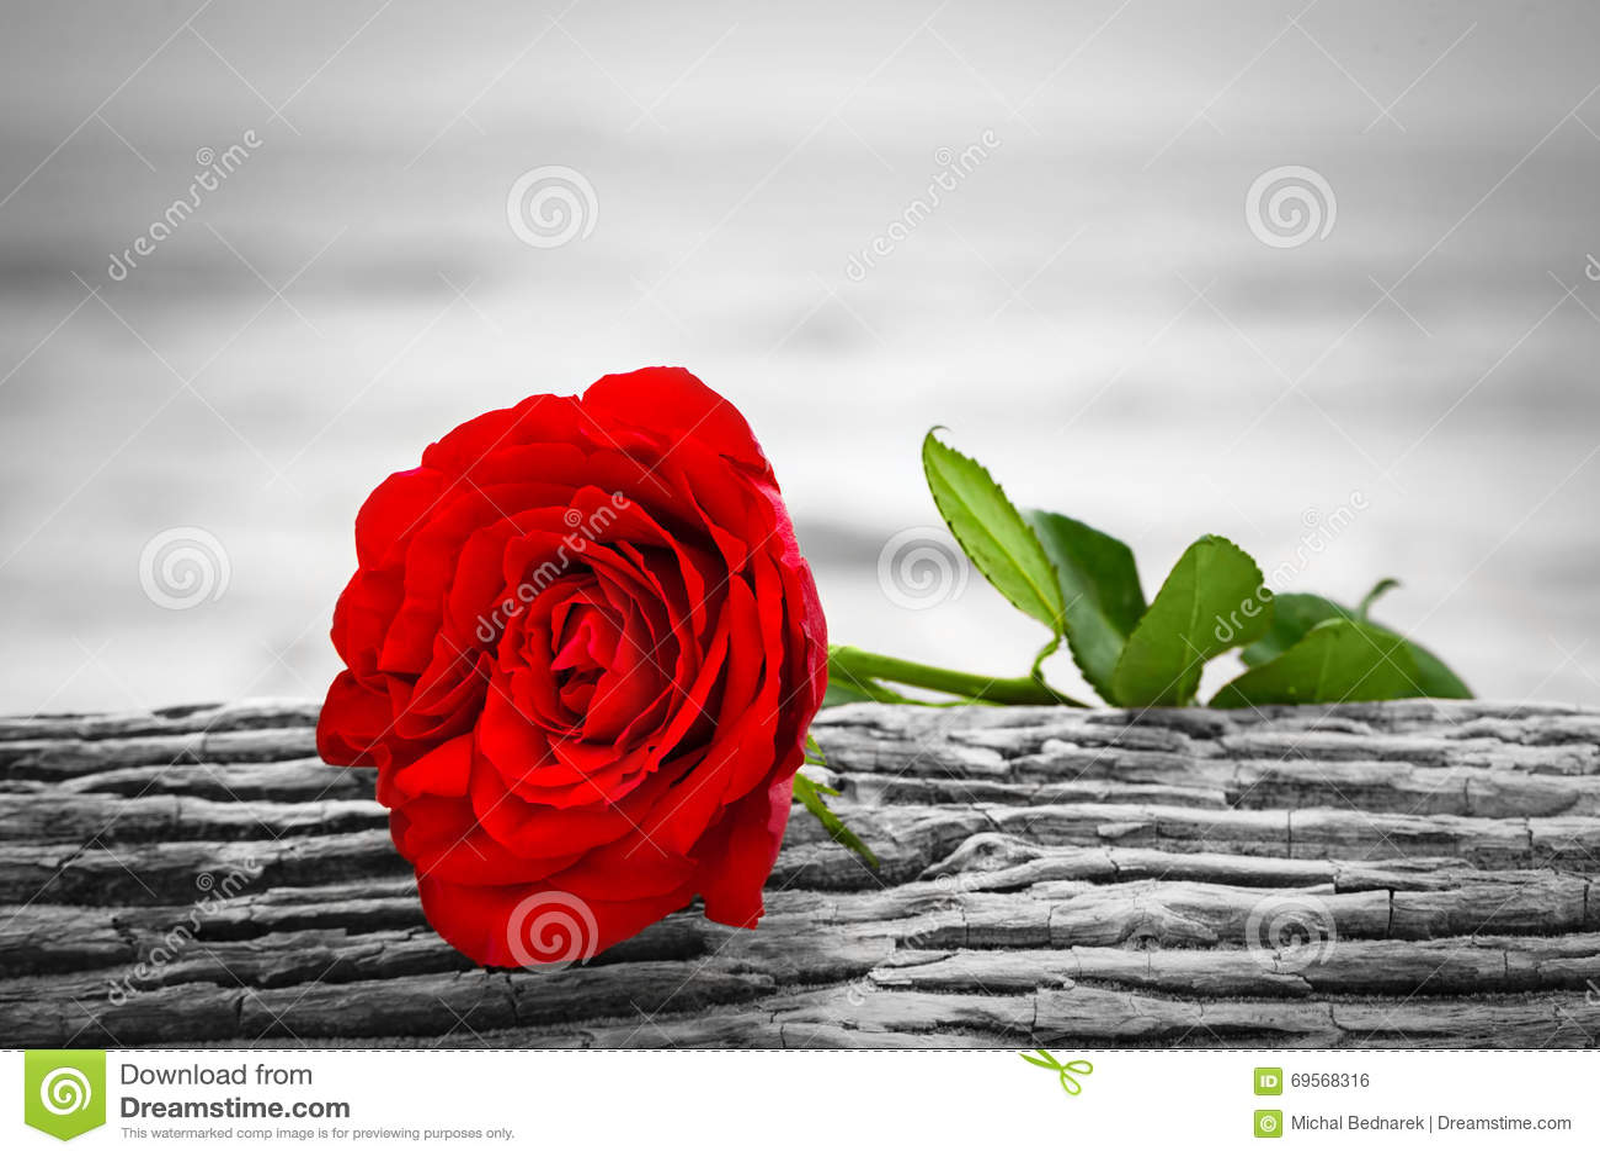 rotrose auf dem strand farbe gegen schwarzweiss liebe romance melancholische konzepte. Black Bedroom Furniture Sets. Home Design Ideas